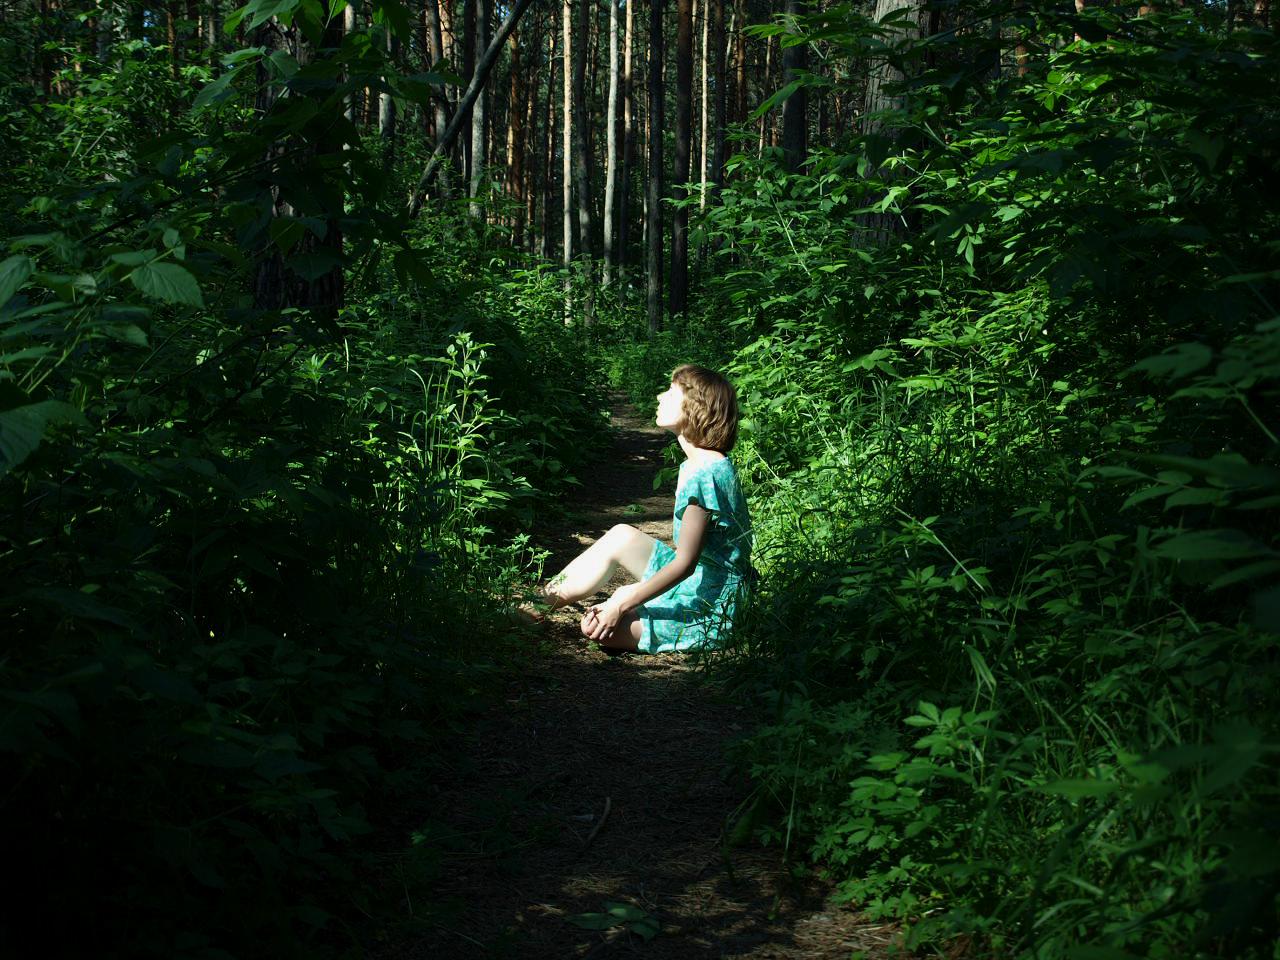 Chica humillada en bosque por travesti Video Sexo Gratis